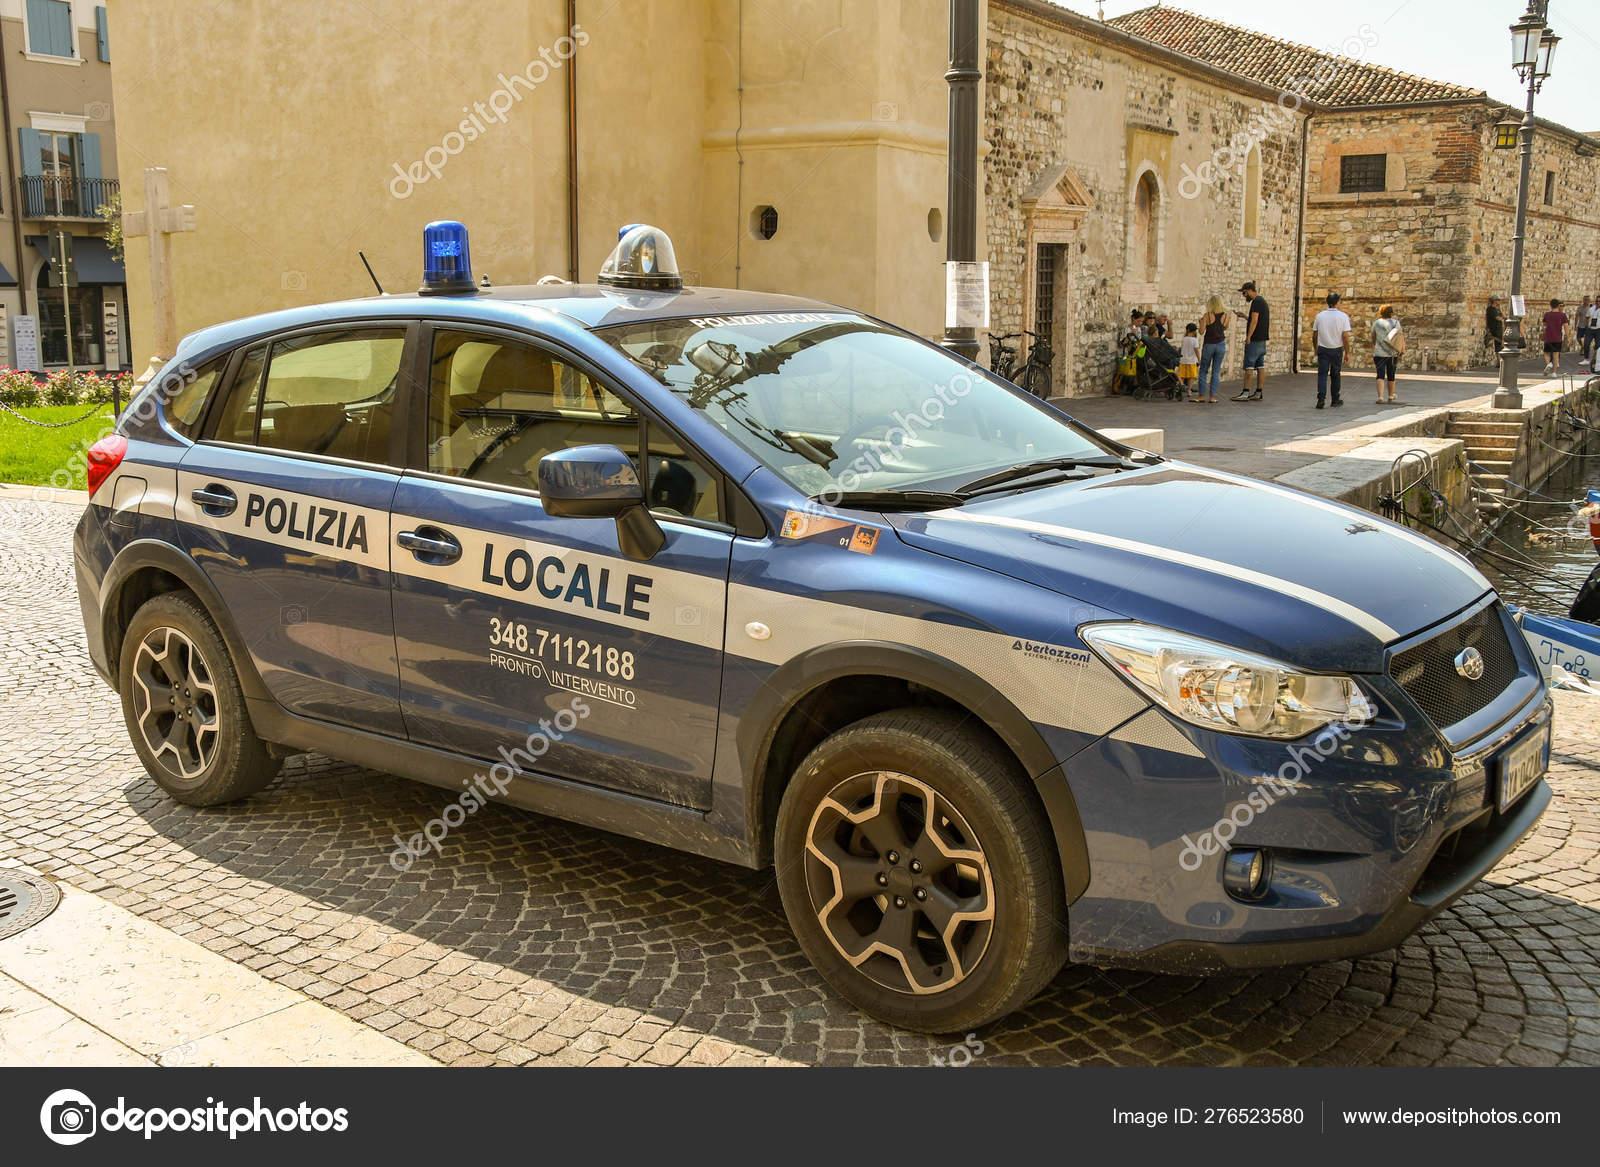 Lazise Lake Garda Italy September 2018 Police Patrol Car